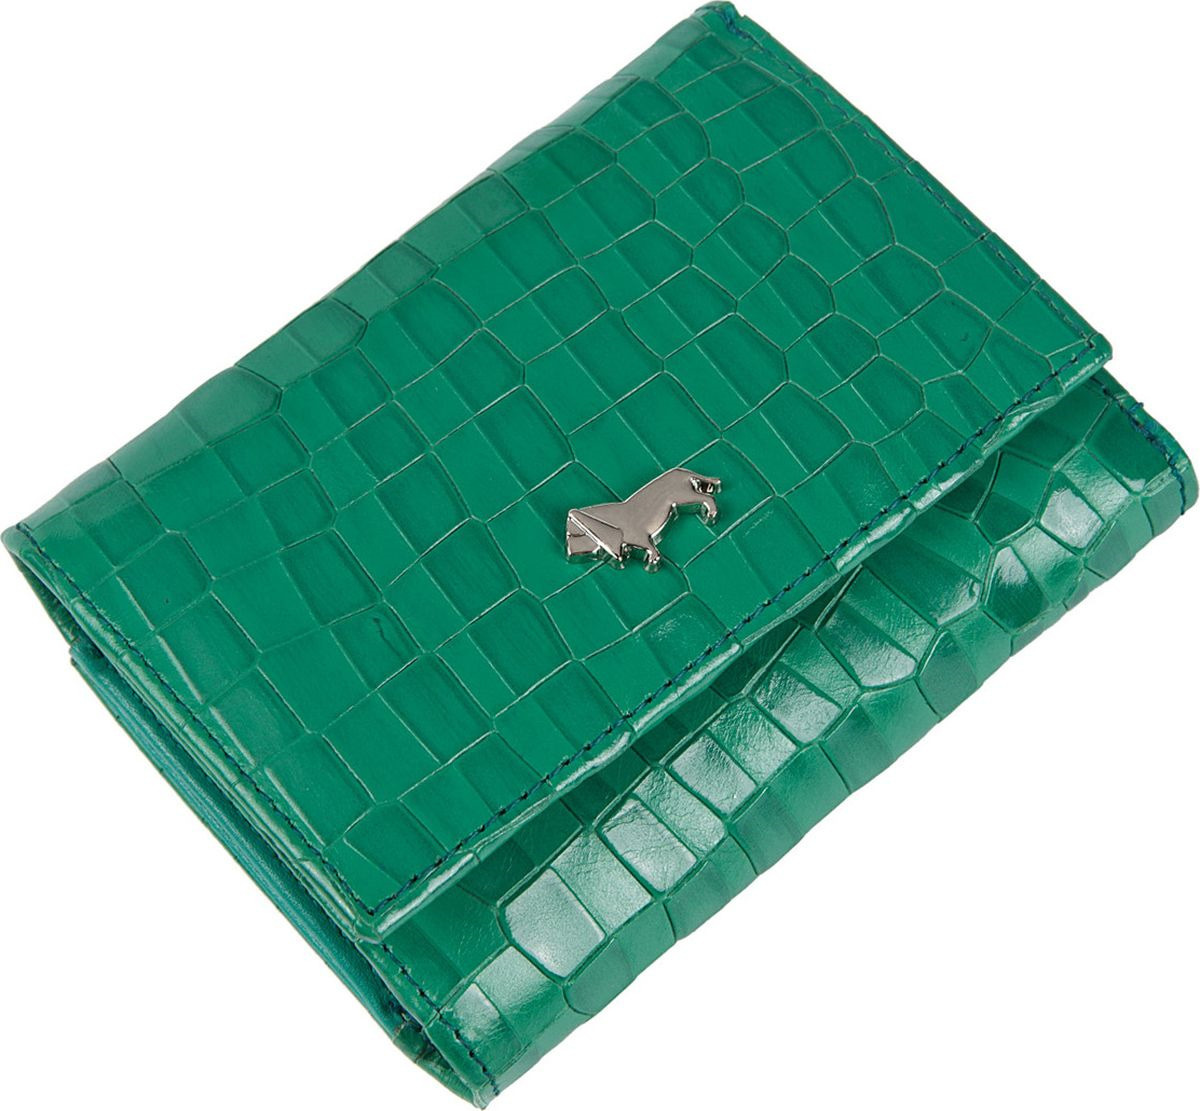 9a400a3764cf Кошелек женский Labbra, L057-1194 green, зеленый — купить в  интернет-магазине OZON.ru с быстрой доставкой